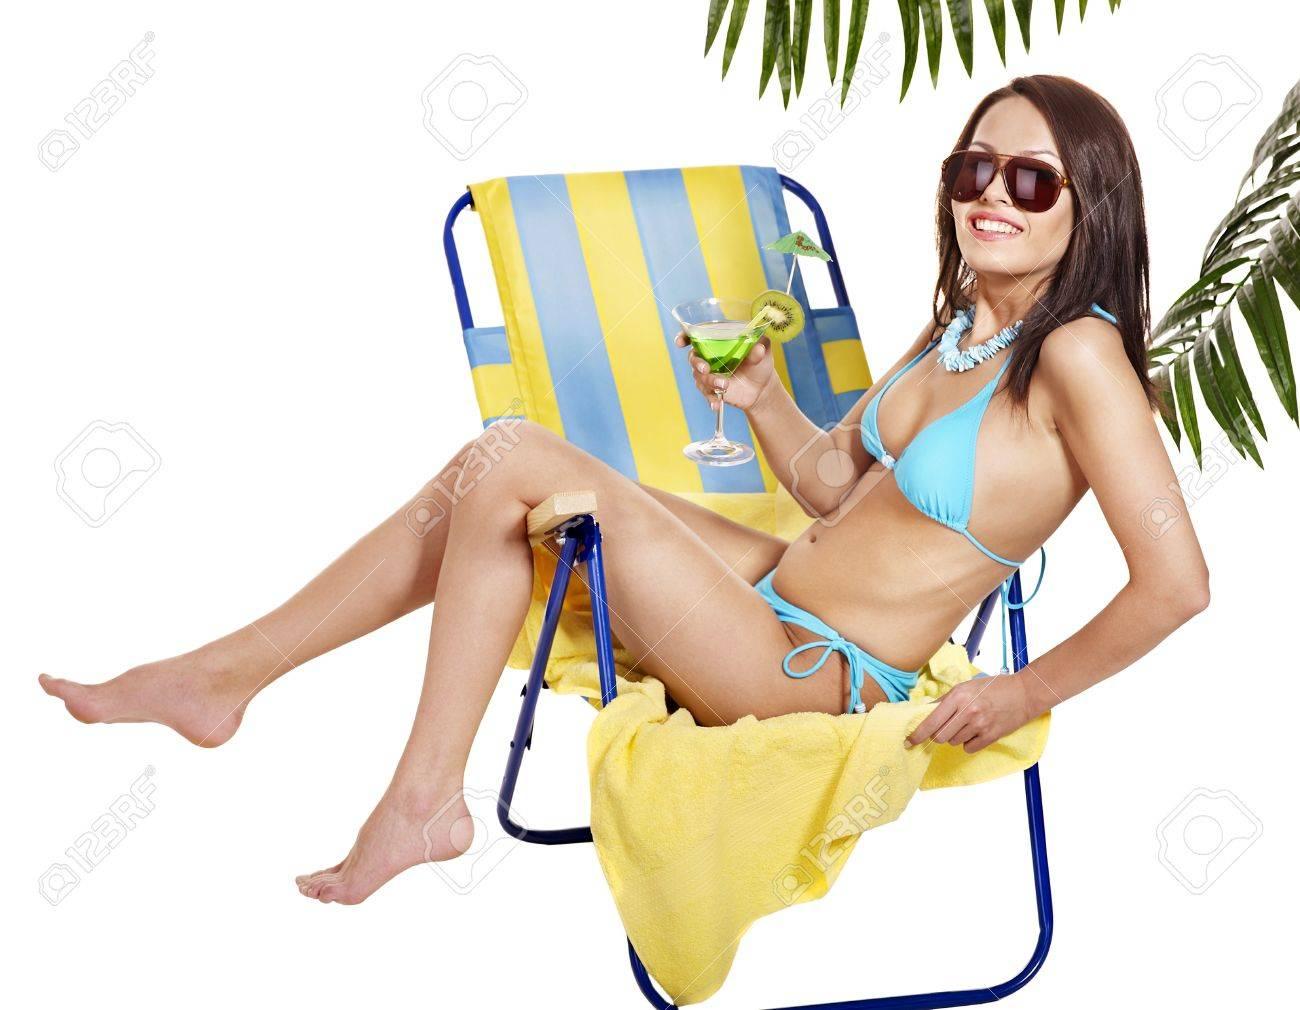 Girl in bikini drink juice through  straw. Isolated. Stock Photo - 13561429